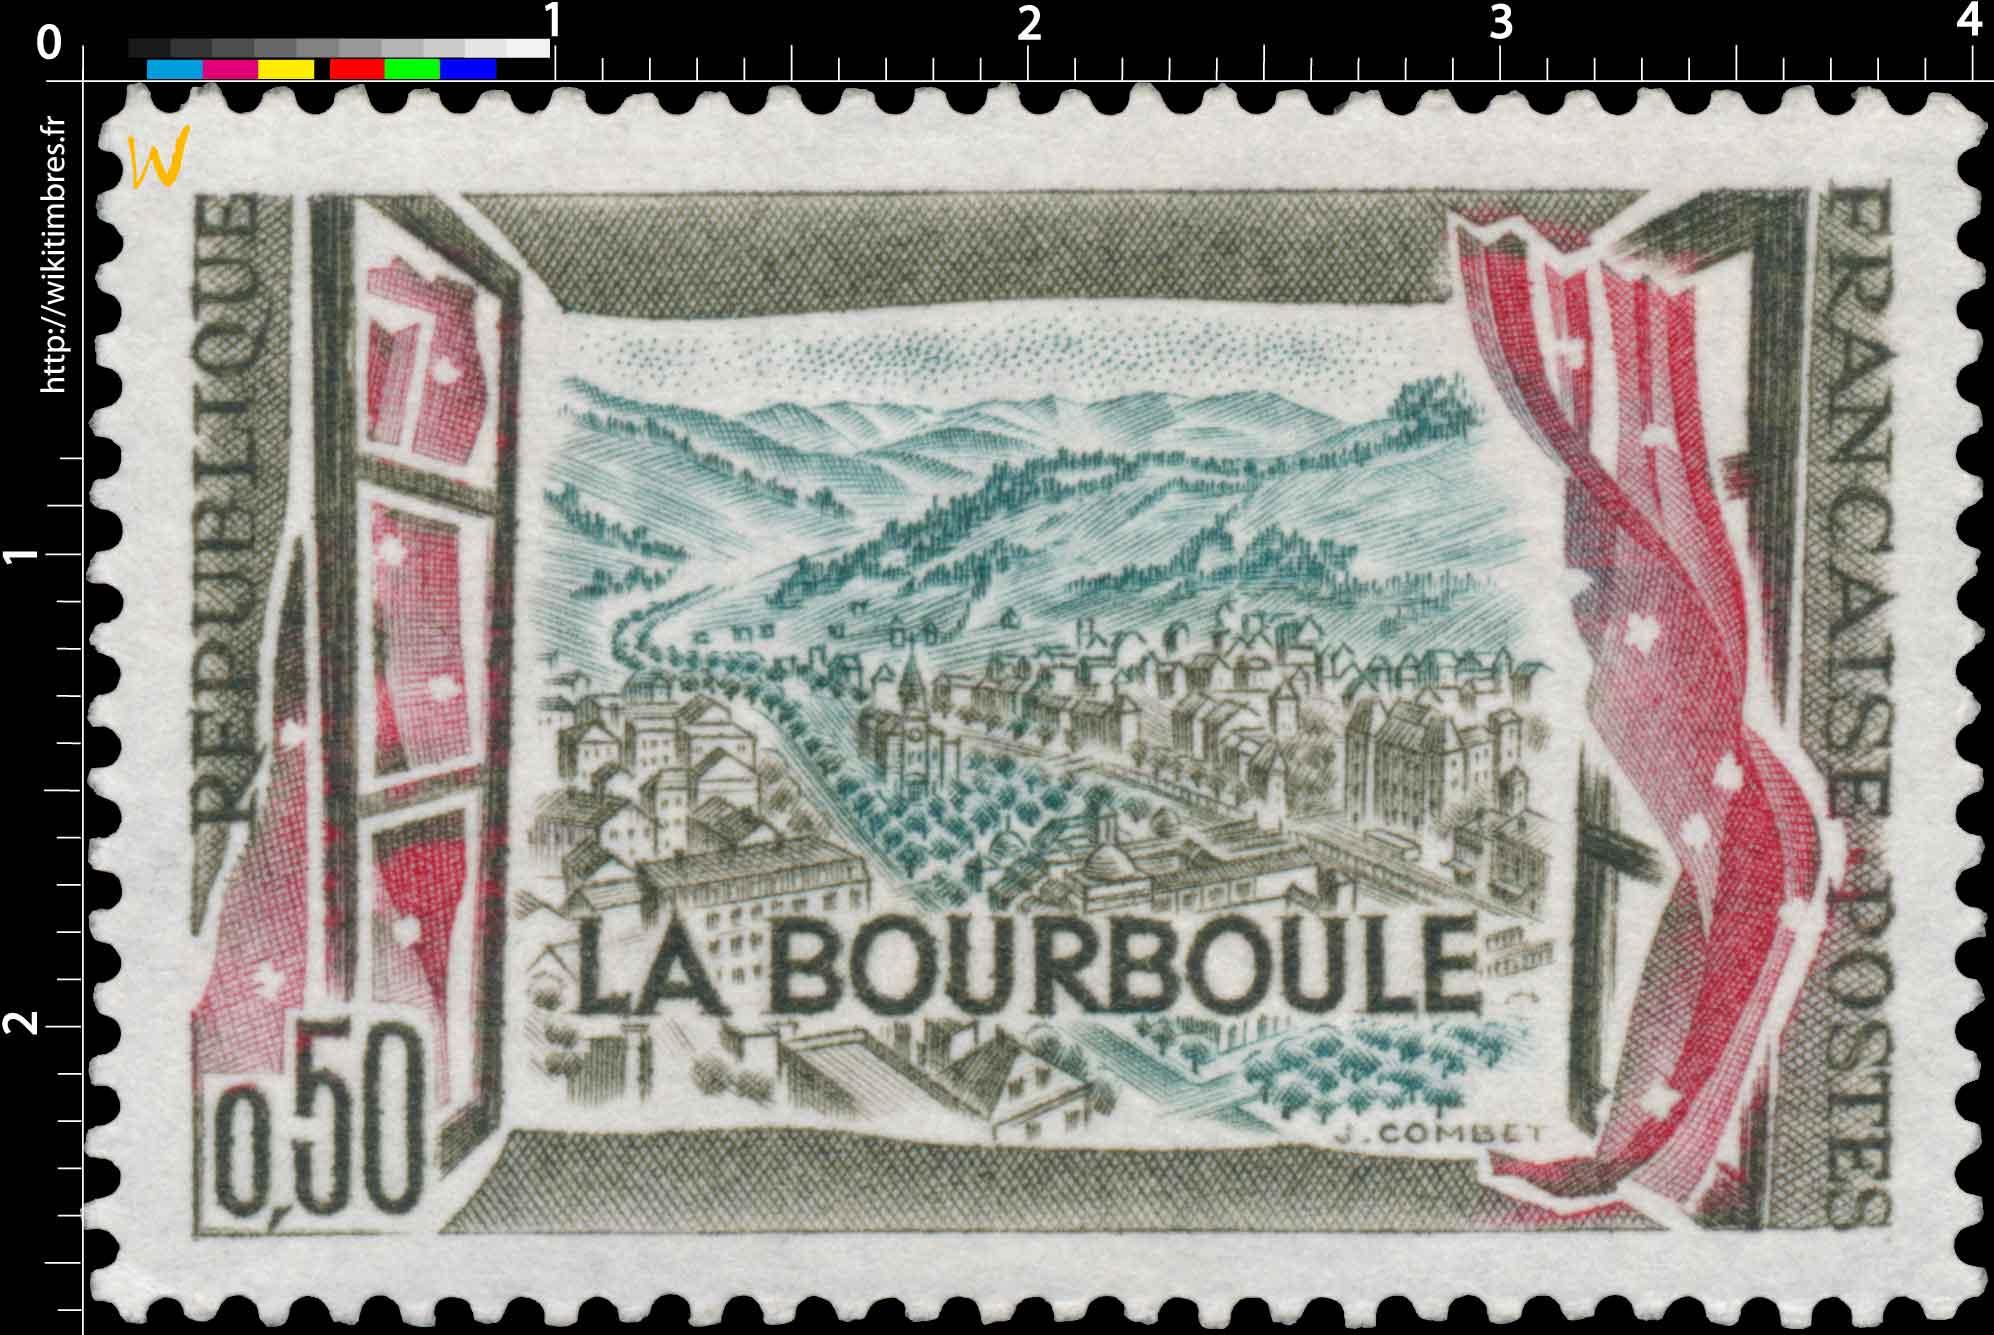 LA BOURBOULE